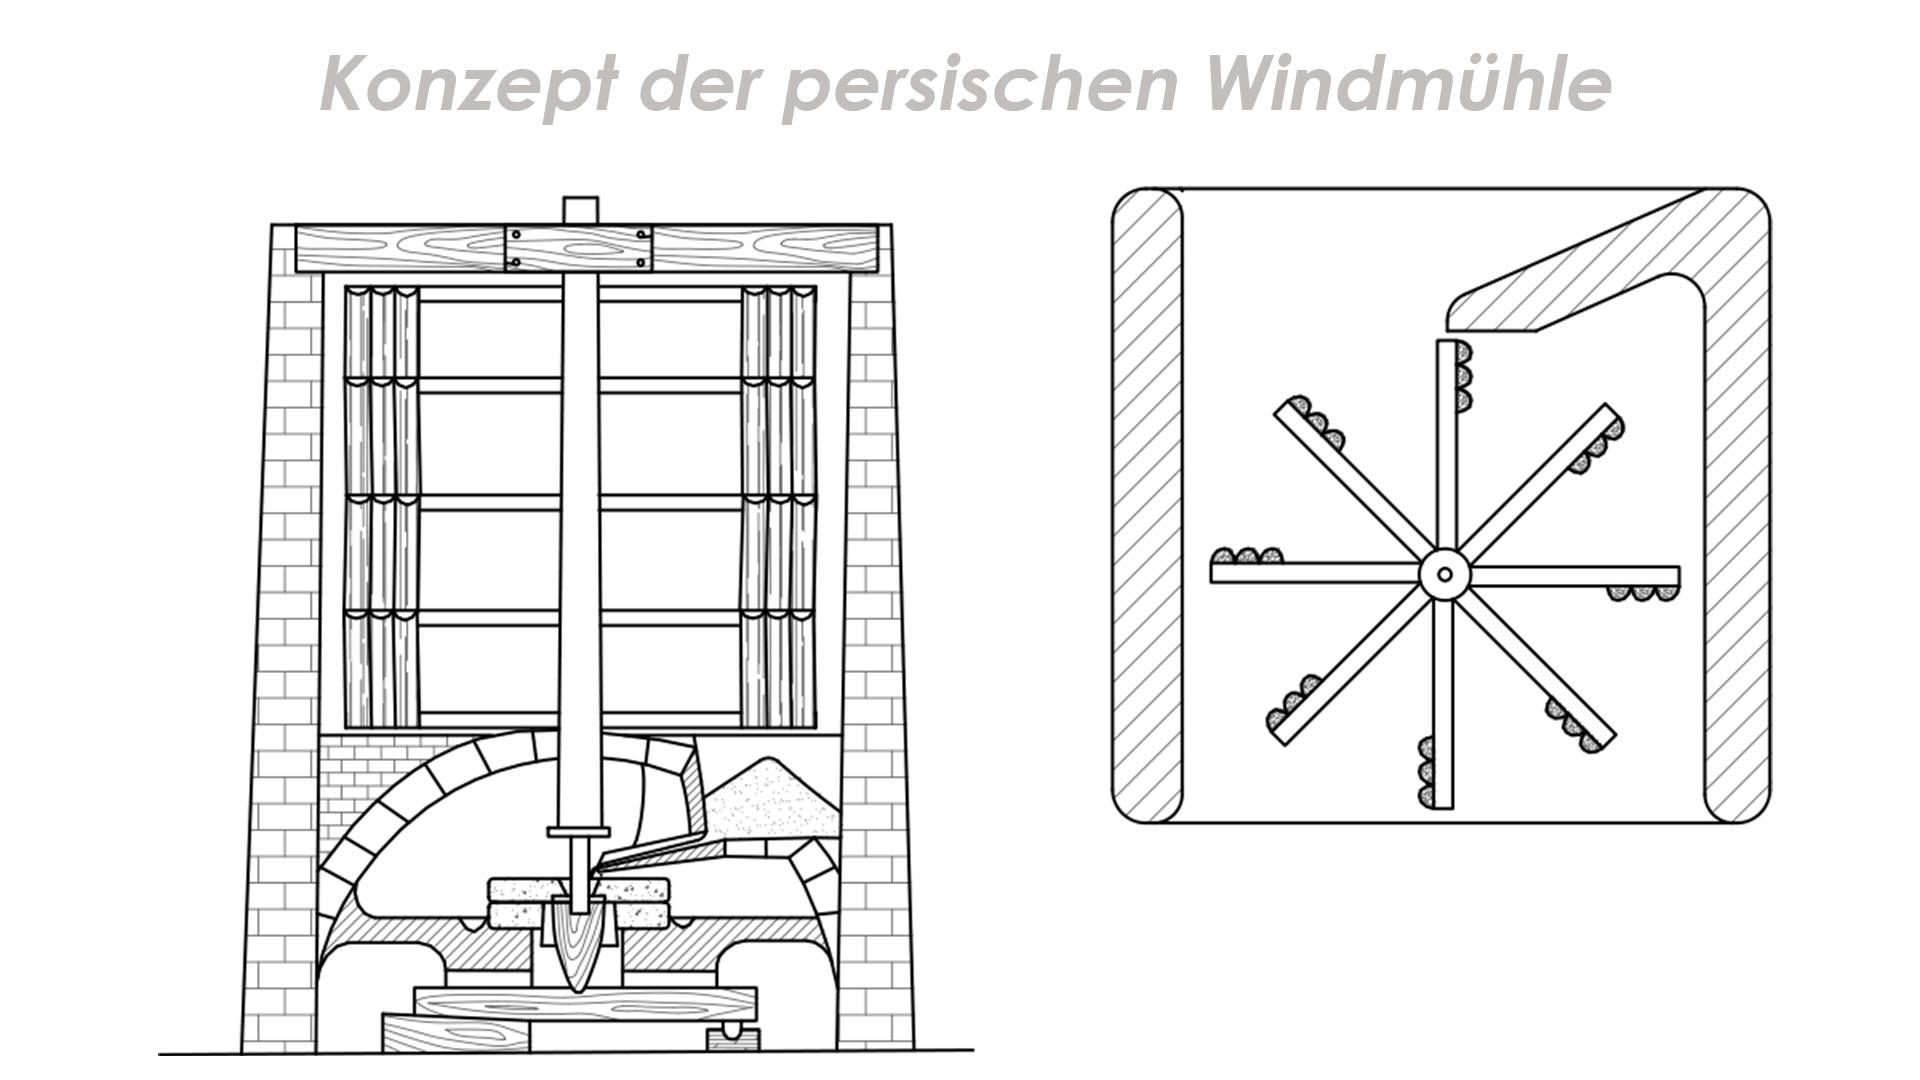 Das Baukonzept der persischen Windmühle.